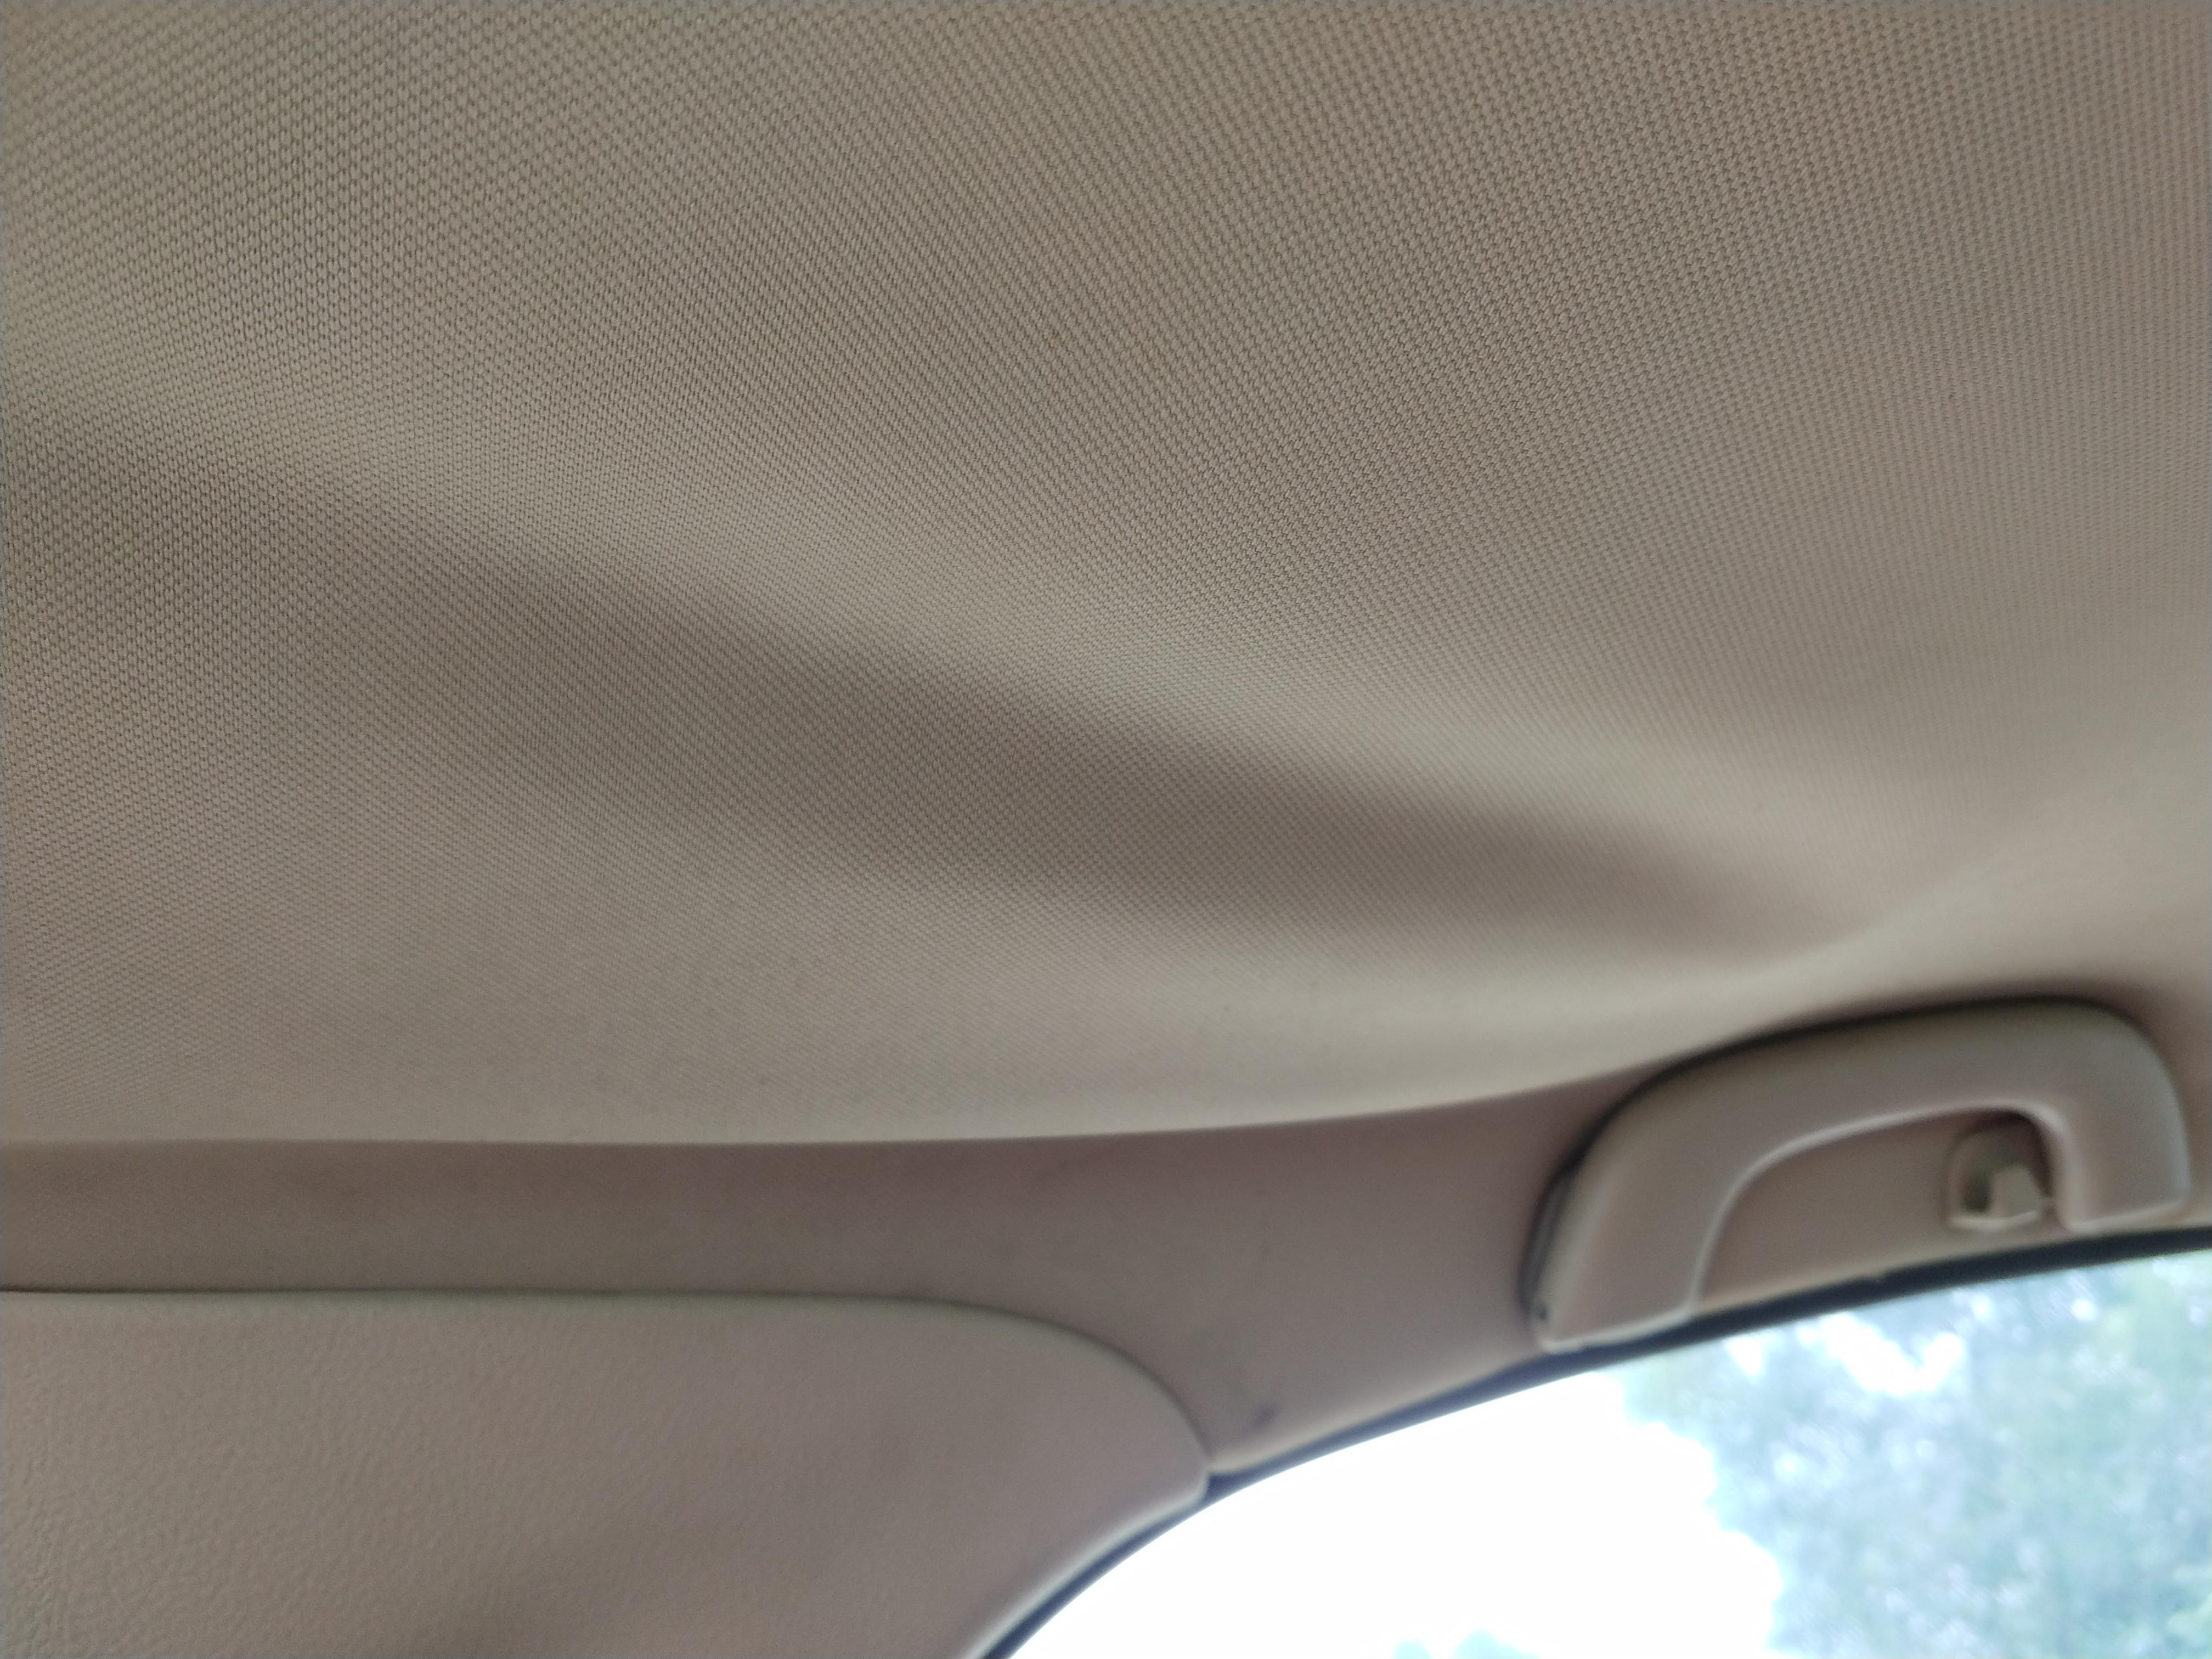 上汽通用-凯越 车顶脱落封闭不严。